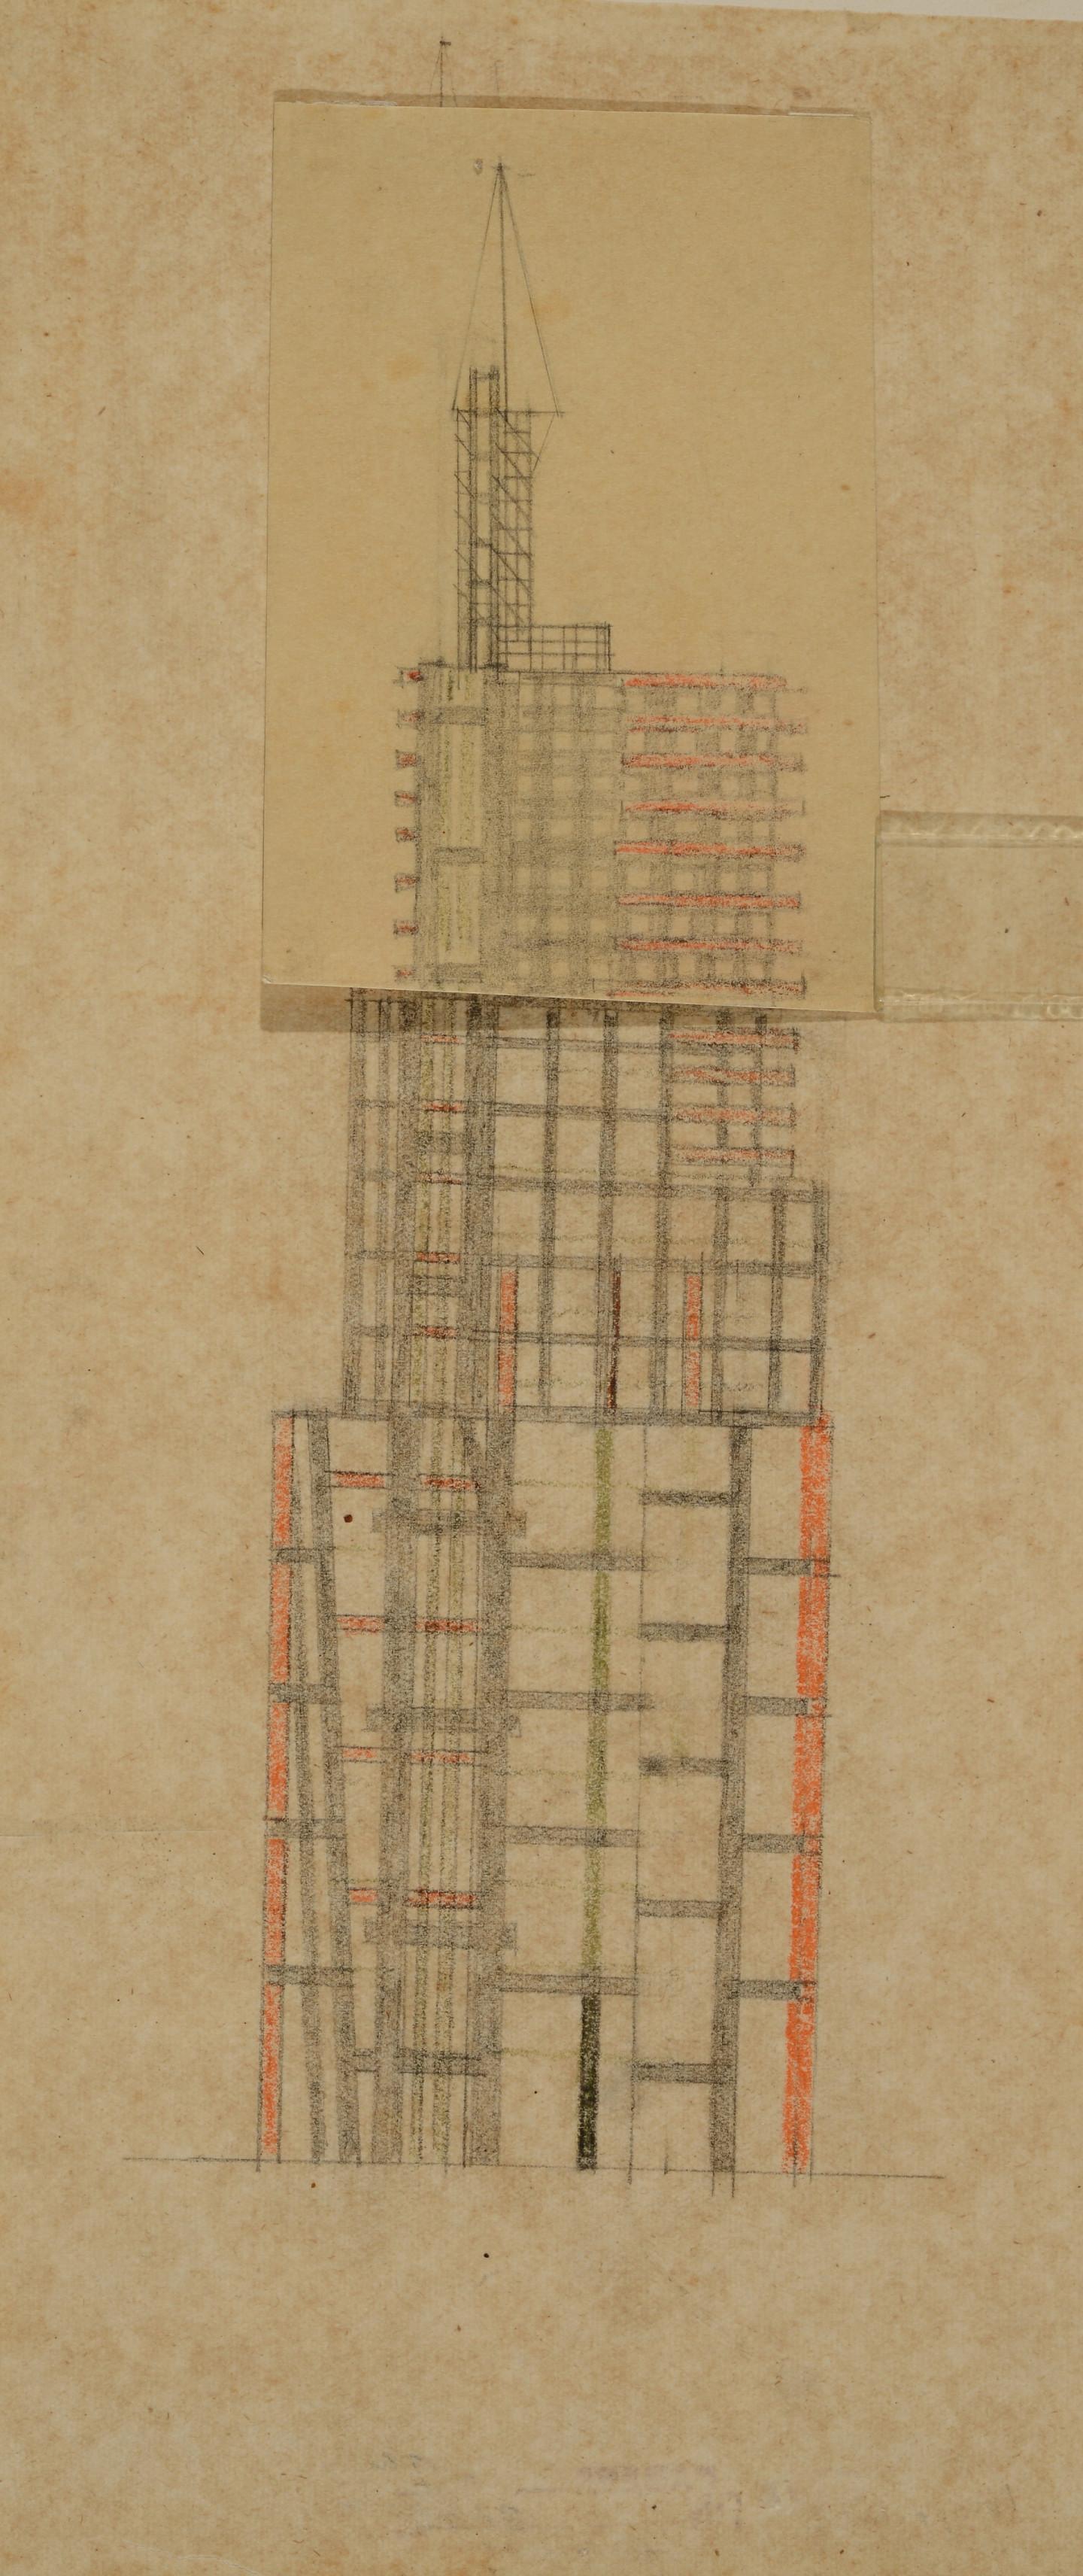 В.Ф. Кринский. Небоскреб ВСНХ на Лубянской площади, 1922. Бумага, калька, карандаш, цветной карандаш